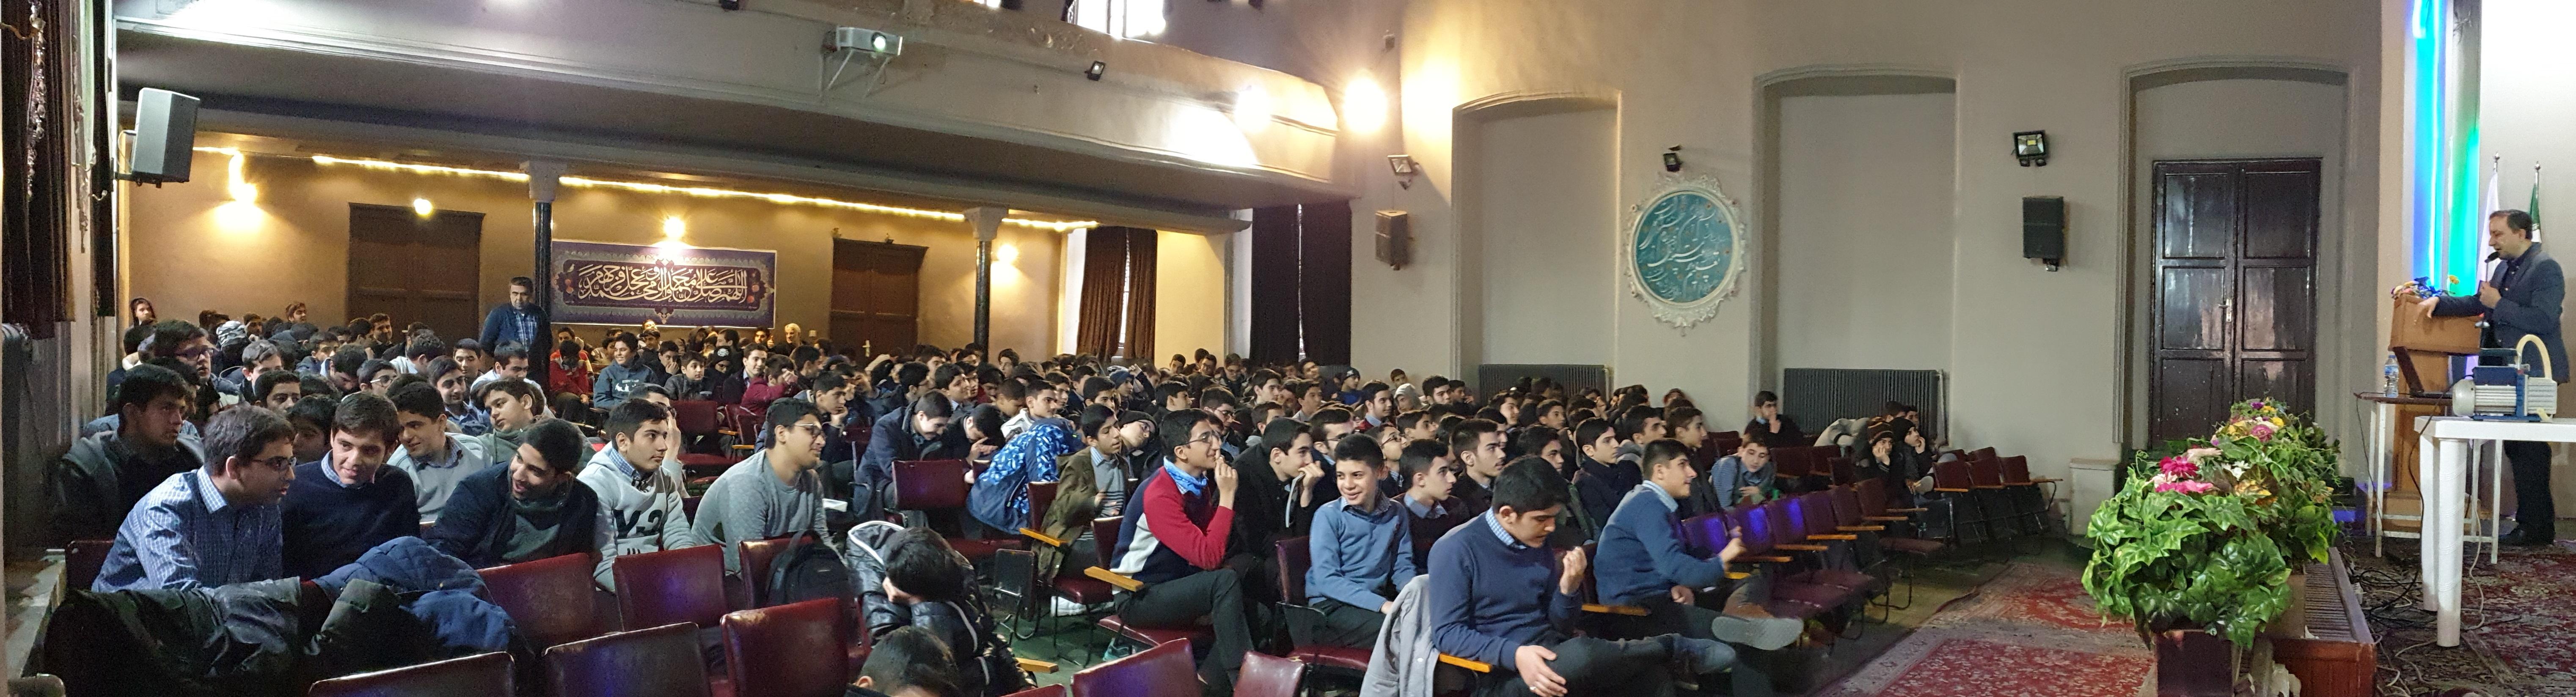 برگزاری سمینار دانش آموزی در دبیرستان البرز تهران